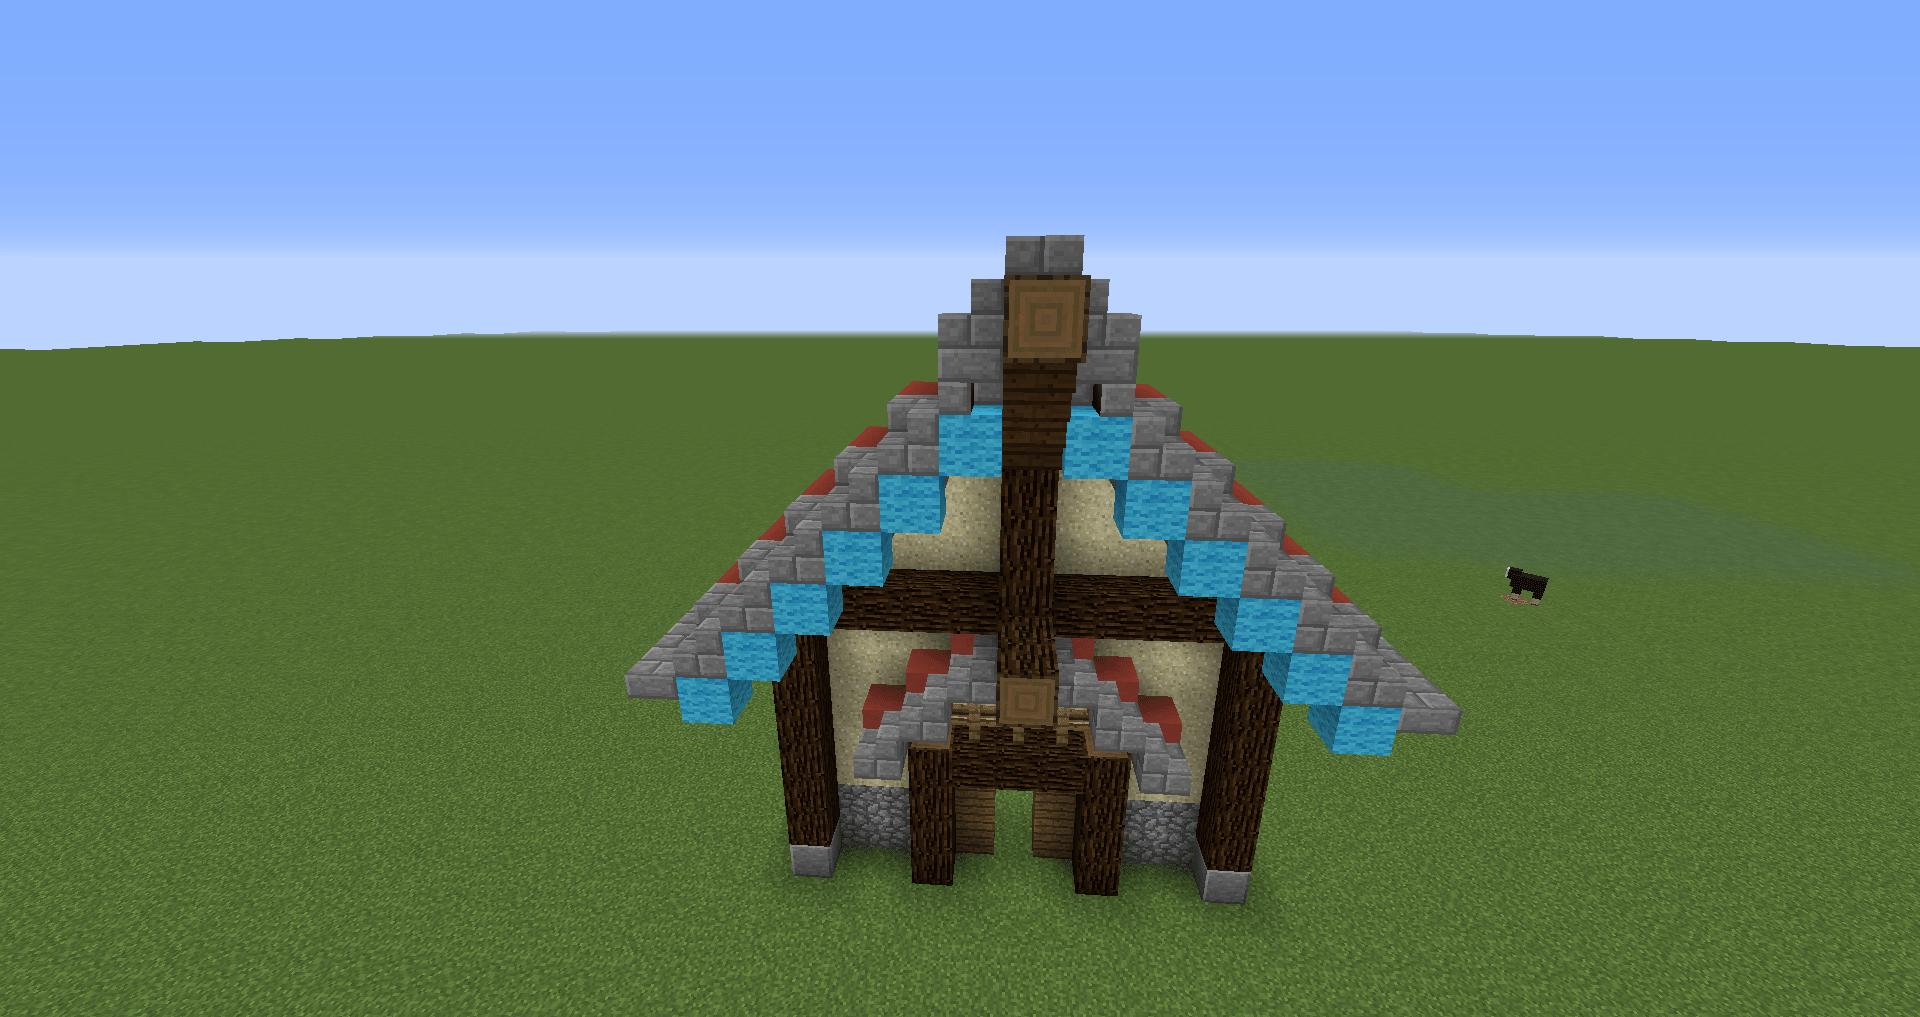 マインクラフト 風車小屋の作り方 簡単建築26